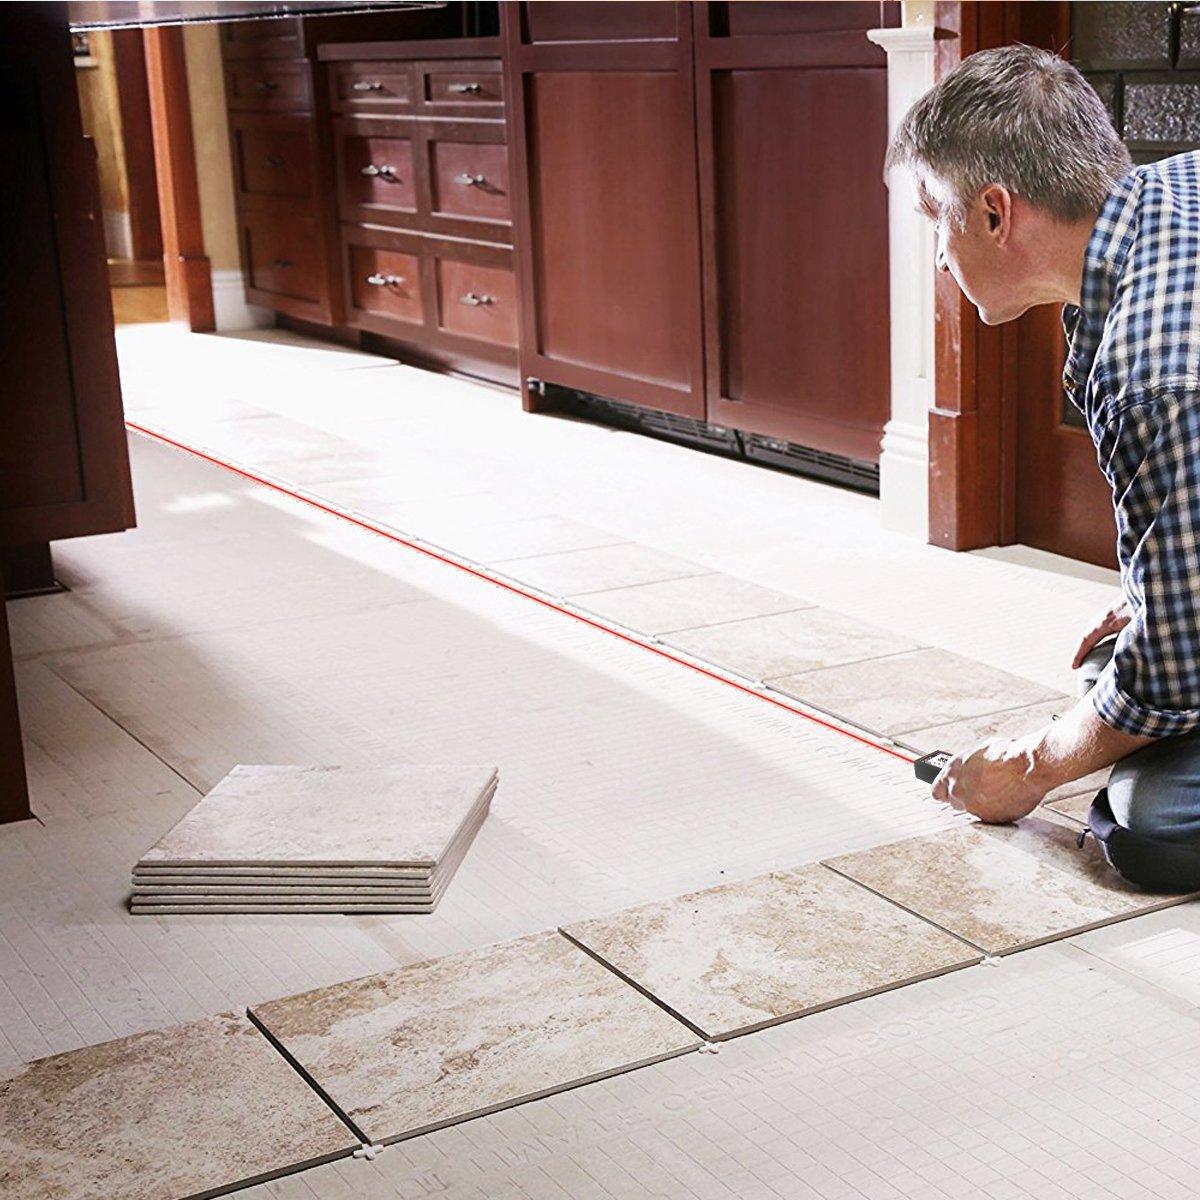 Mann misst Fußbodenlänge mit Laser-Entfernungsmesser